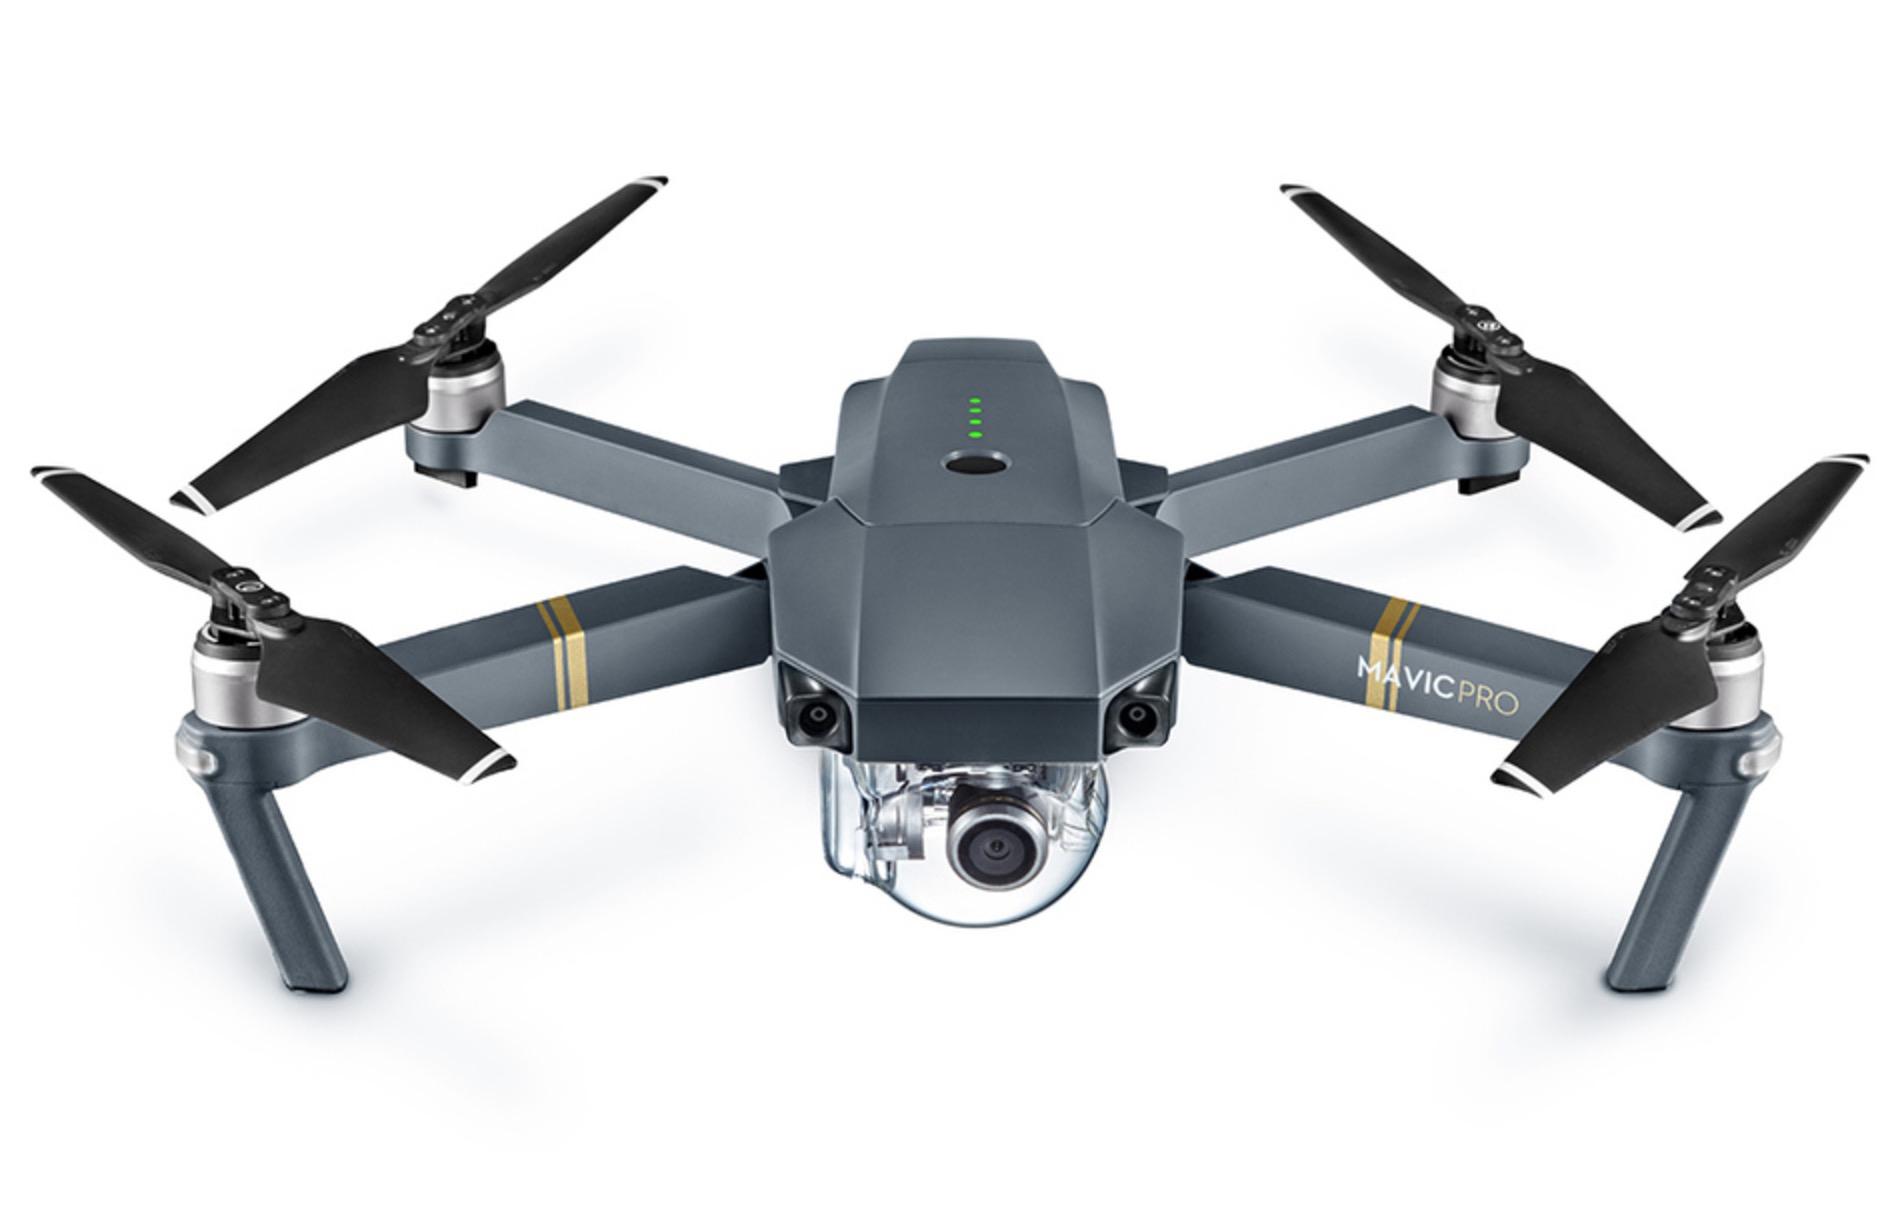 DJI Mavic Pro Drohne mit 4k Kamera für nur 1004,90 Euro + 59,10 Euro in Superpunkten!